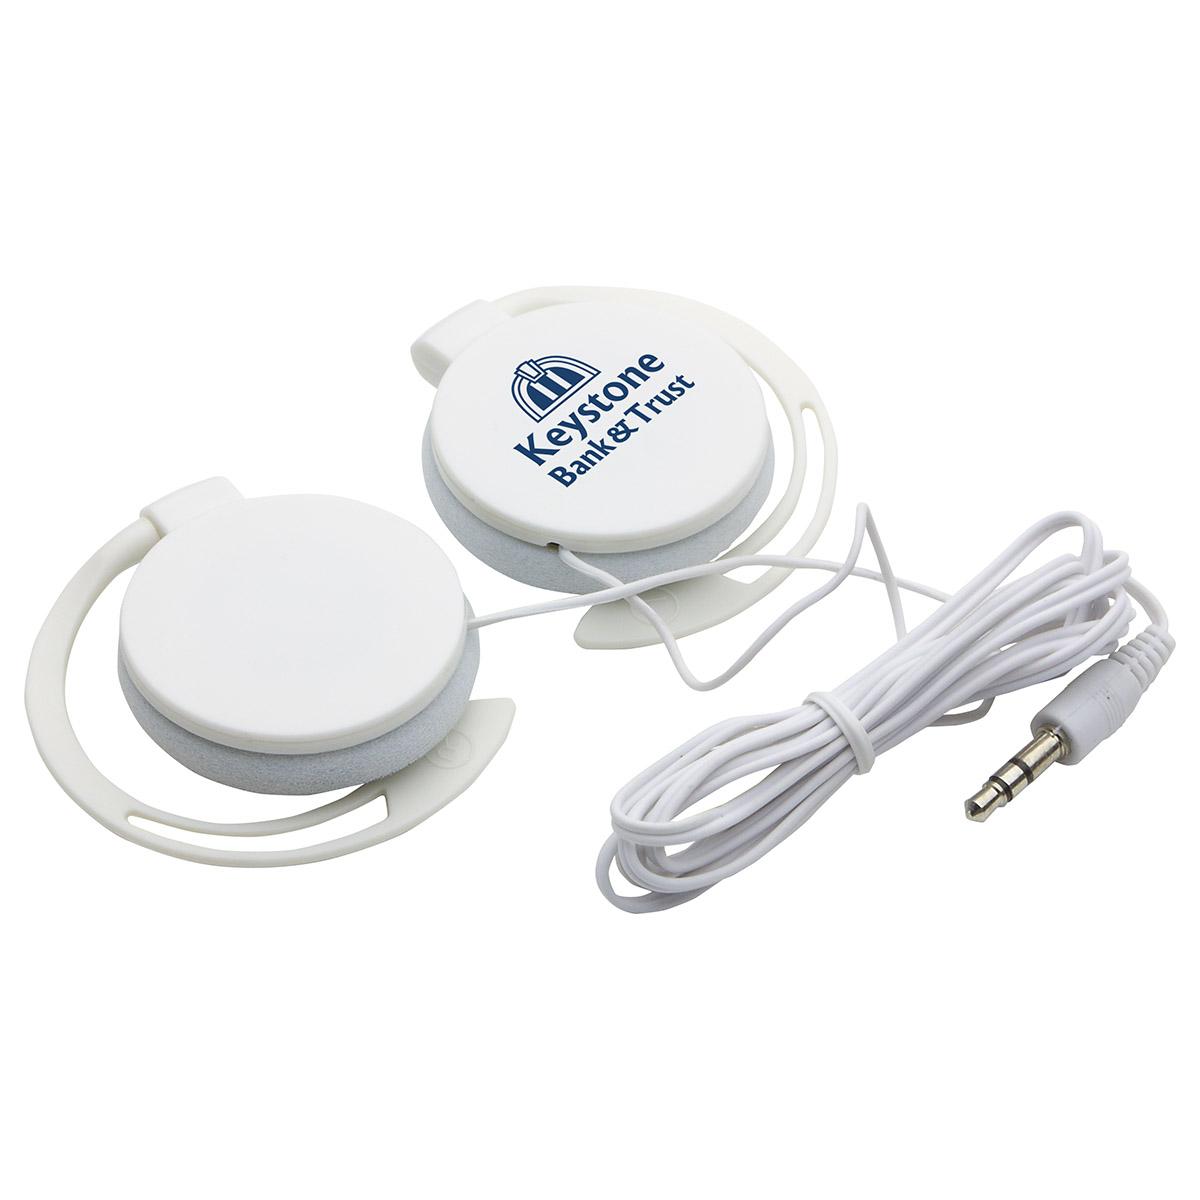 Easy Clip Headphones, WTV-EC15, 1 Colour Imprint